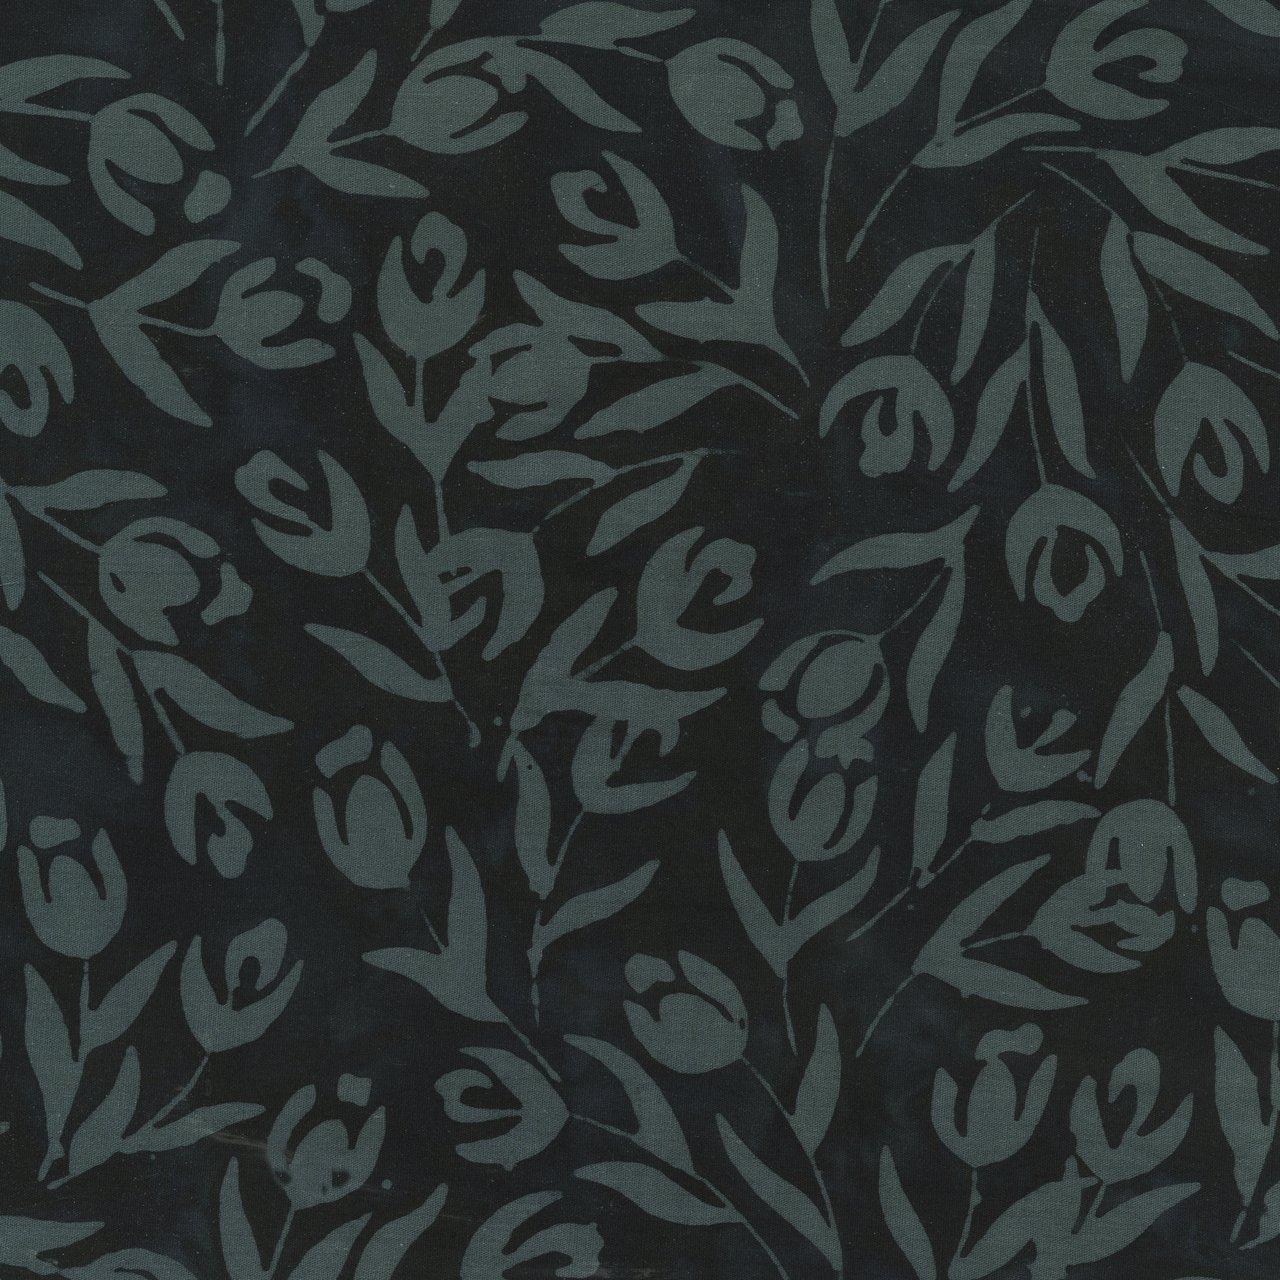 Quiltessentials Tulips Black